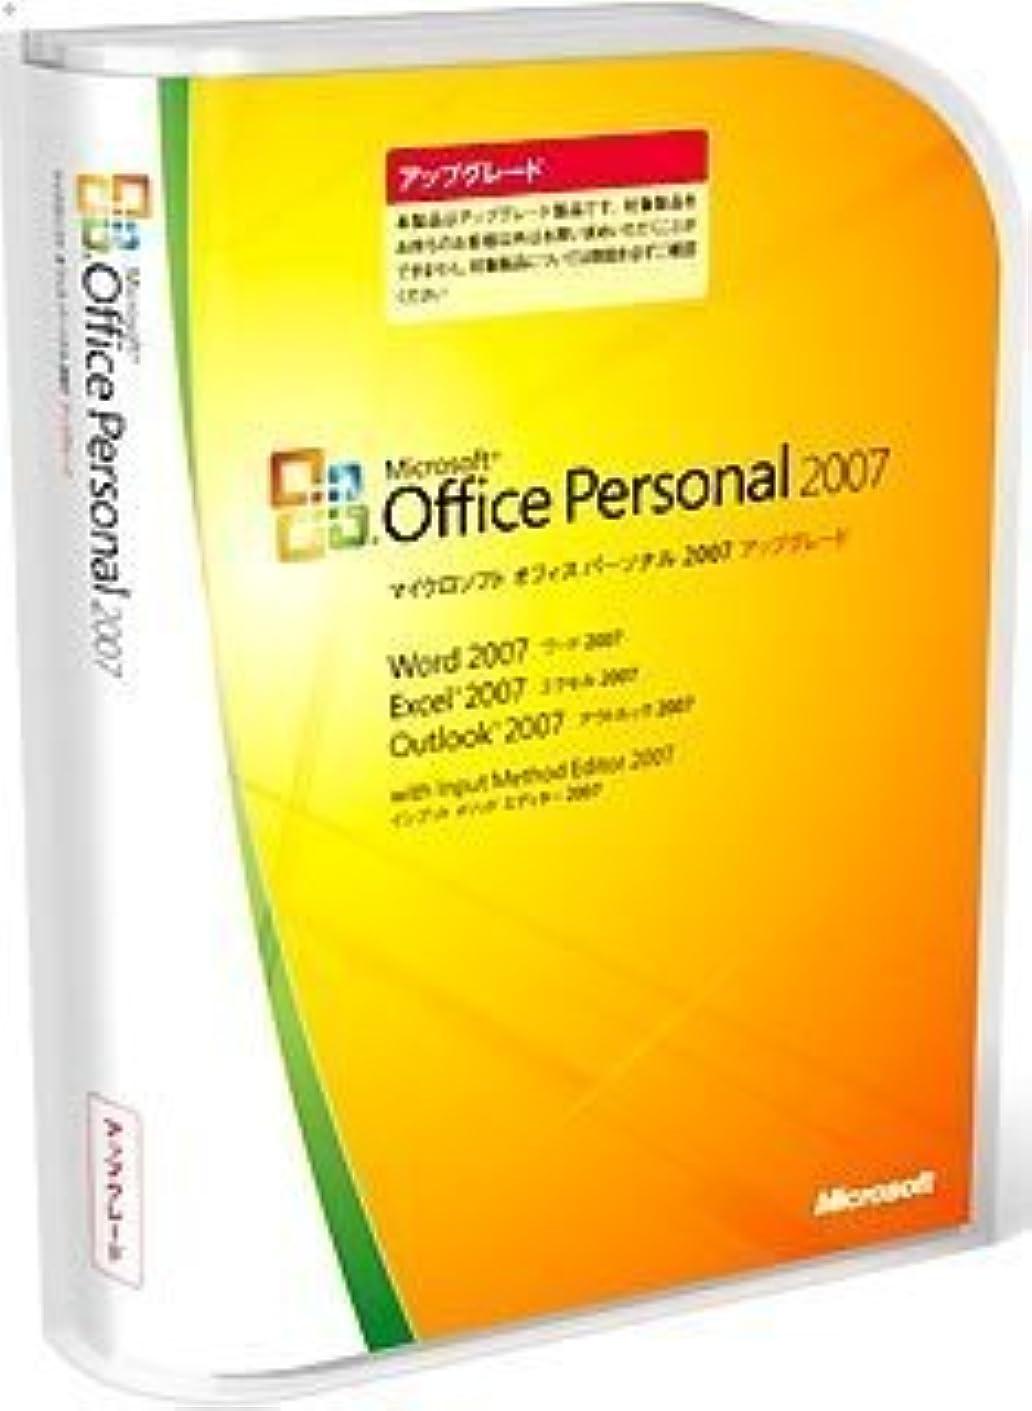 ハドル山艶【旧商品/メーカー出荷終了/サポート終了】Microsoft Office 2007 Personal アップグレード